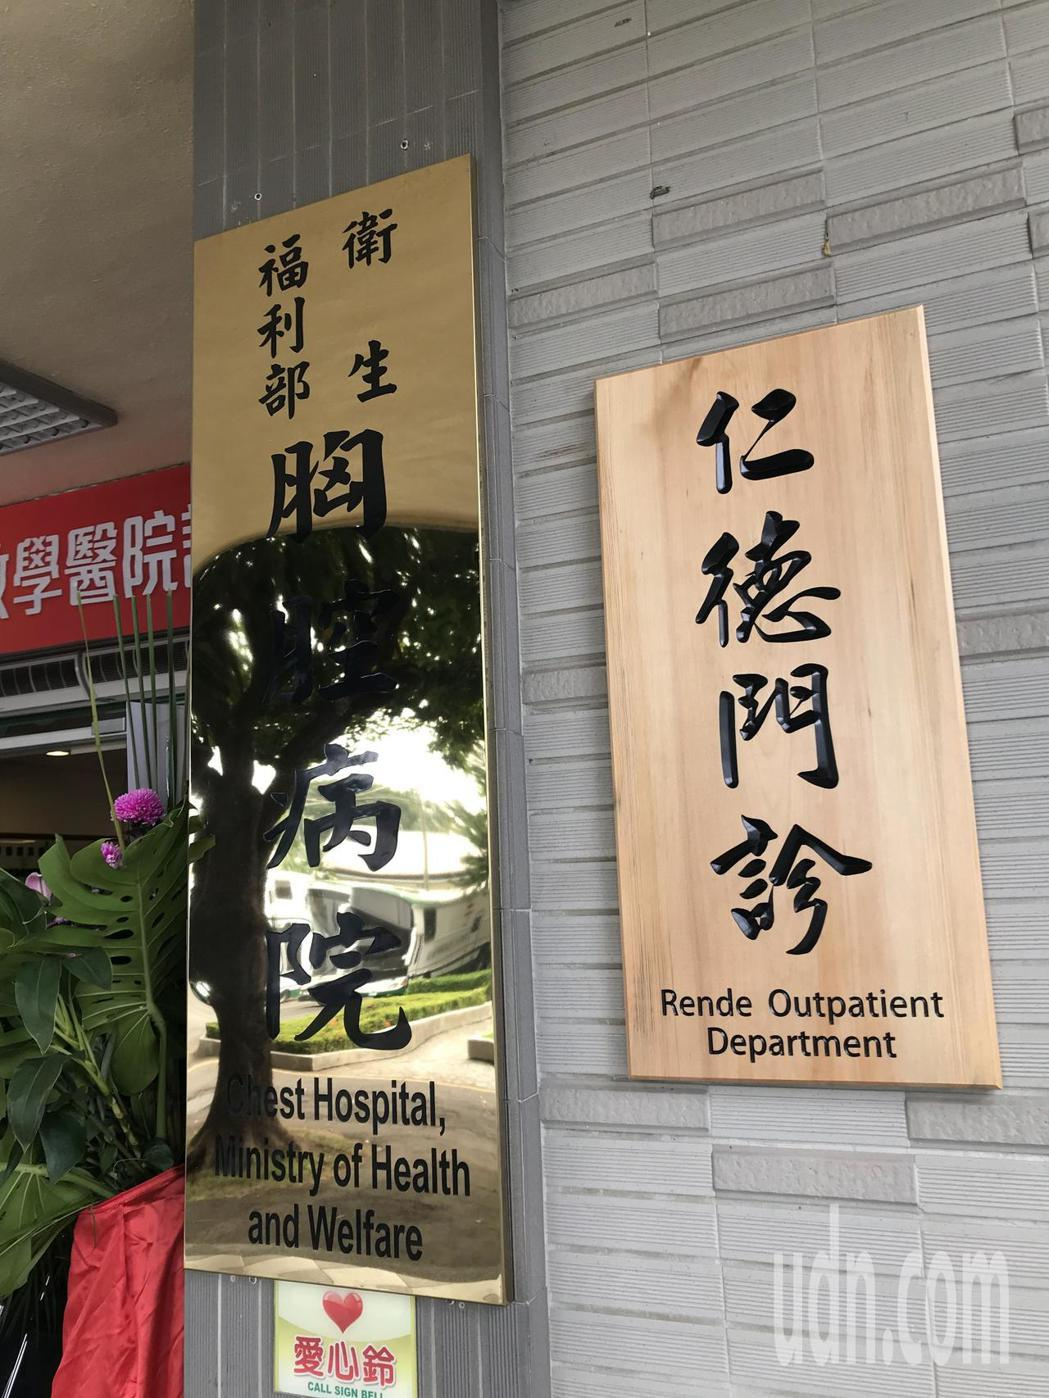 衛生福利部胸腔病院仁德院區成立至今已有31年,因考量仁德、歸仁與關廟有17萬人口...